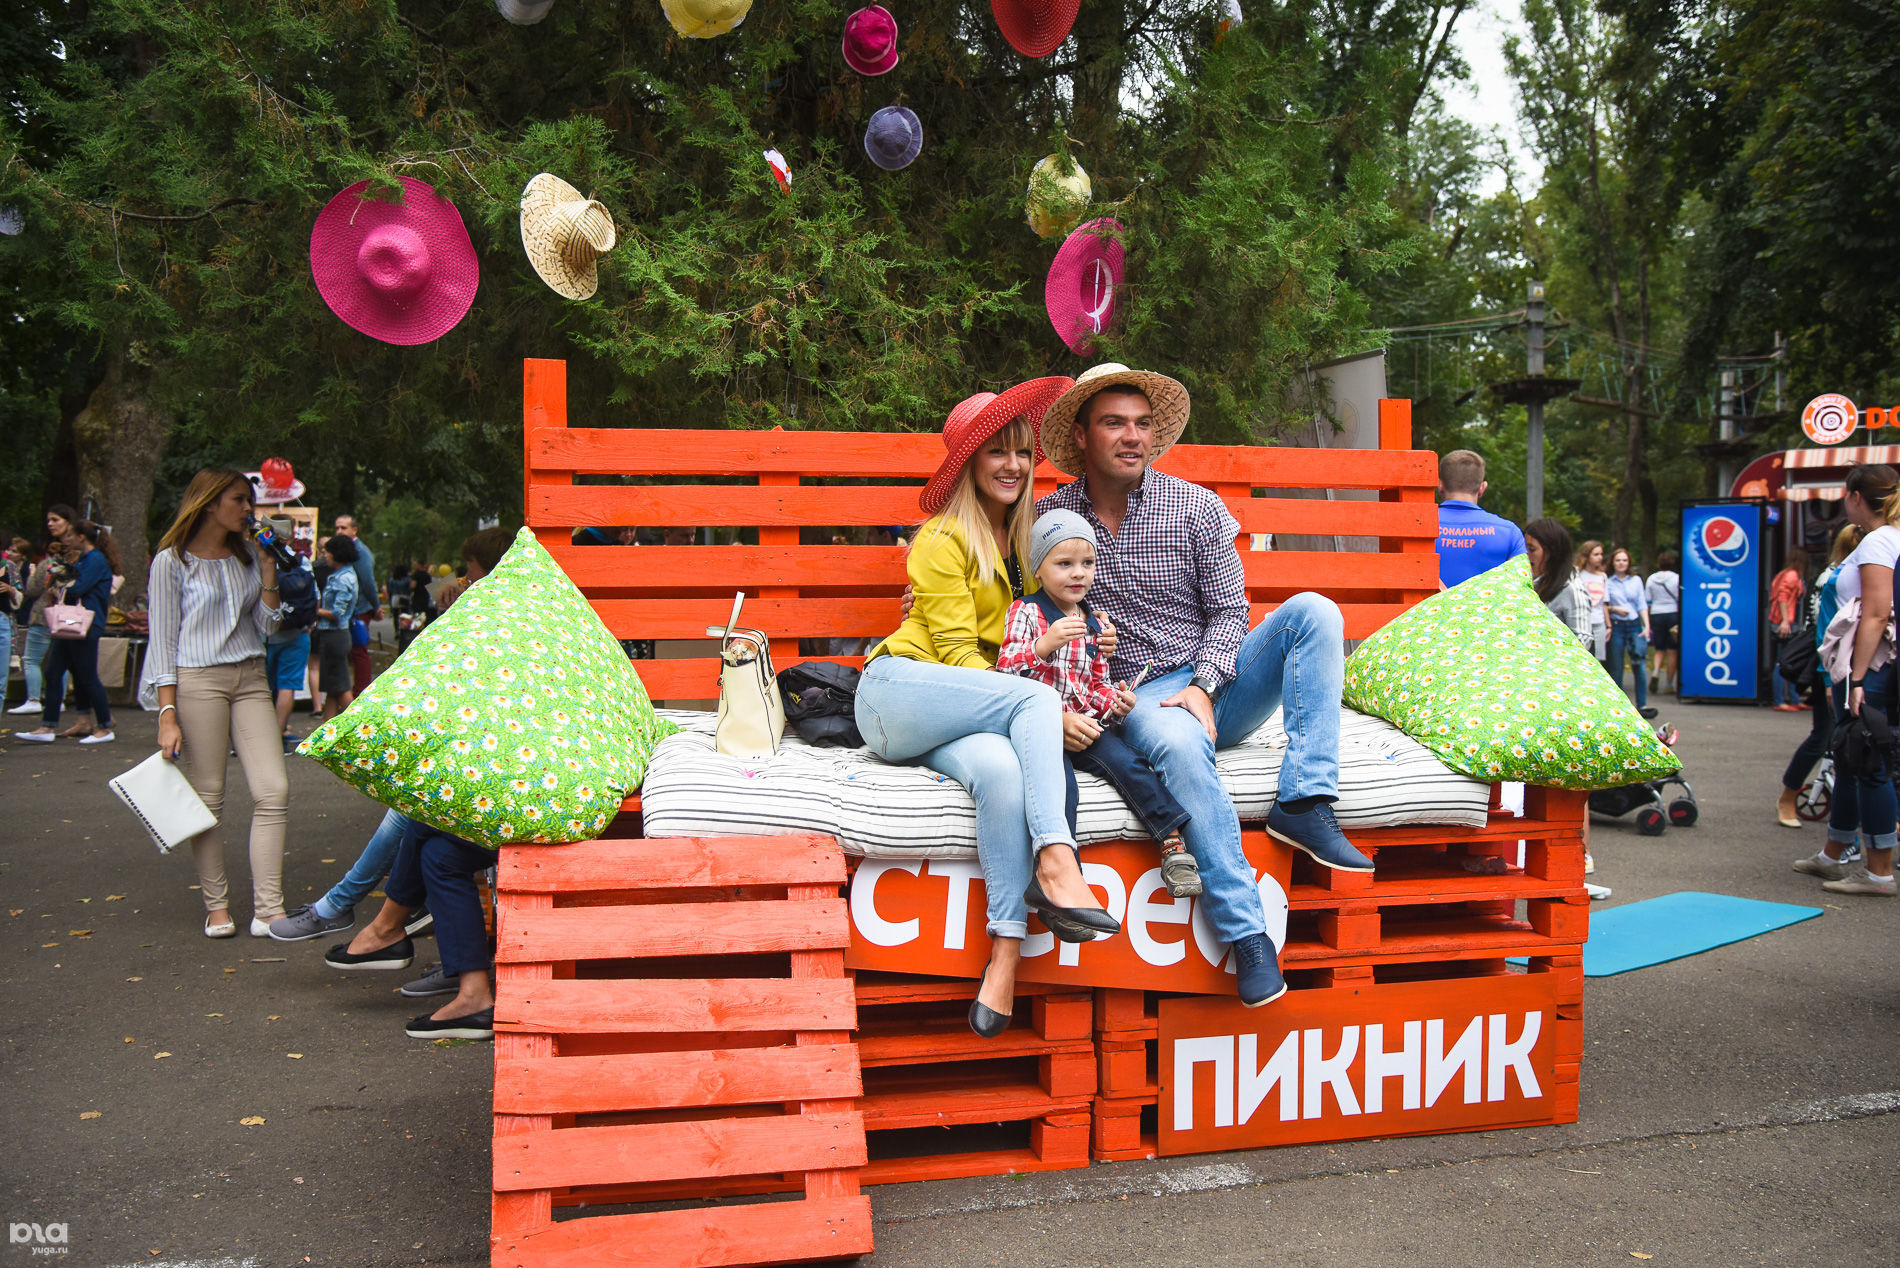 Фестиваль «Стереопикник» в Краснодаре ©Фото Елены Синеок, Юга.ру